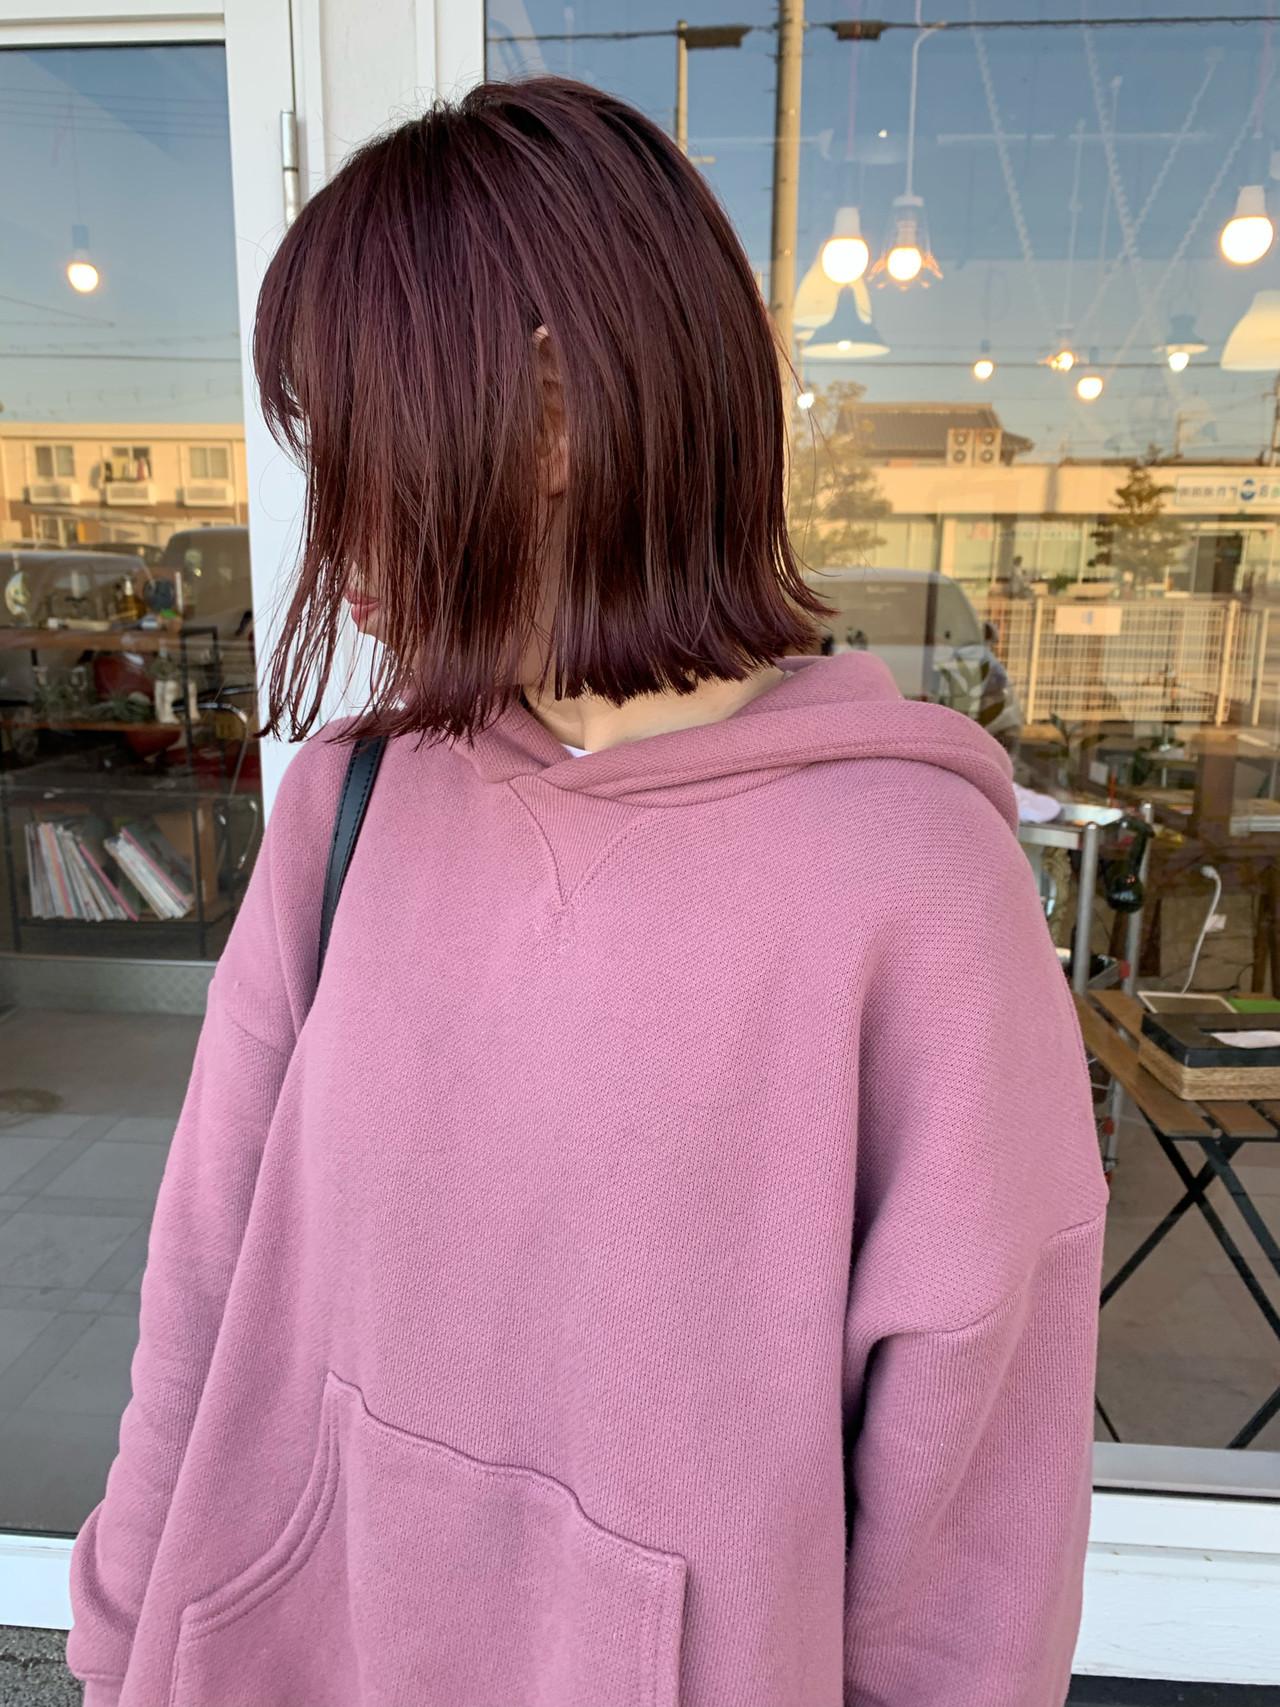 ベリーピンク ダブルカラー ストリート 切りっぱなしボブ ヘアスタイルや髪型の写真・画像